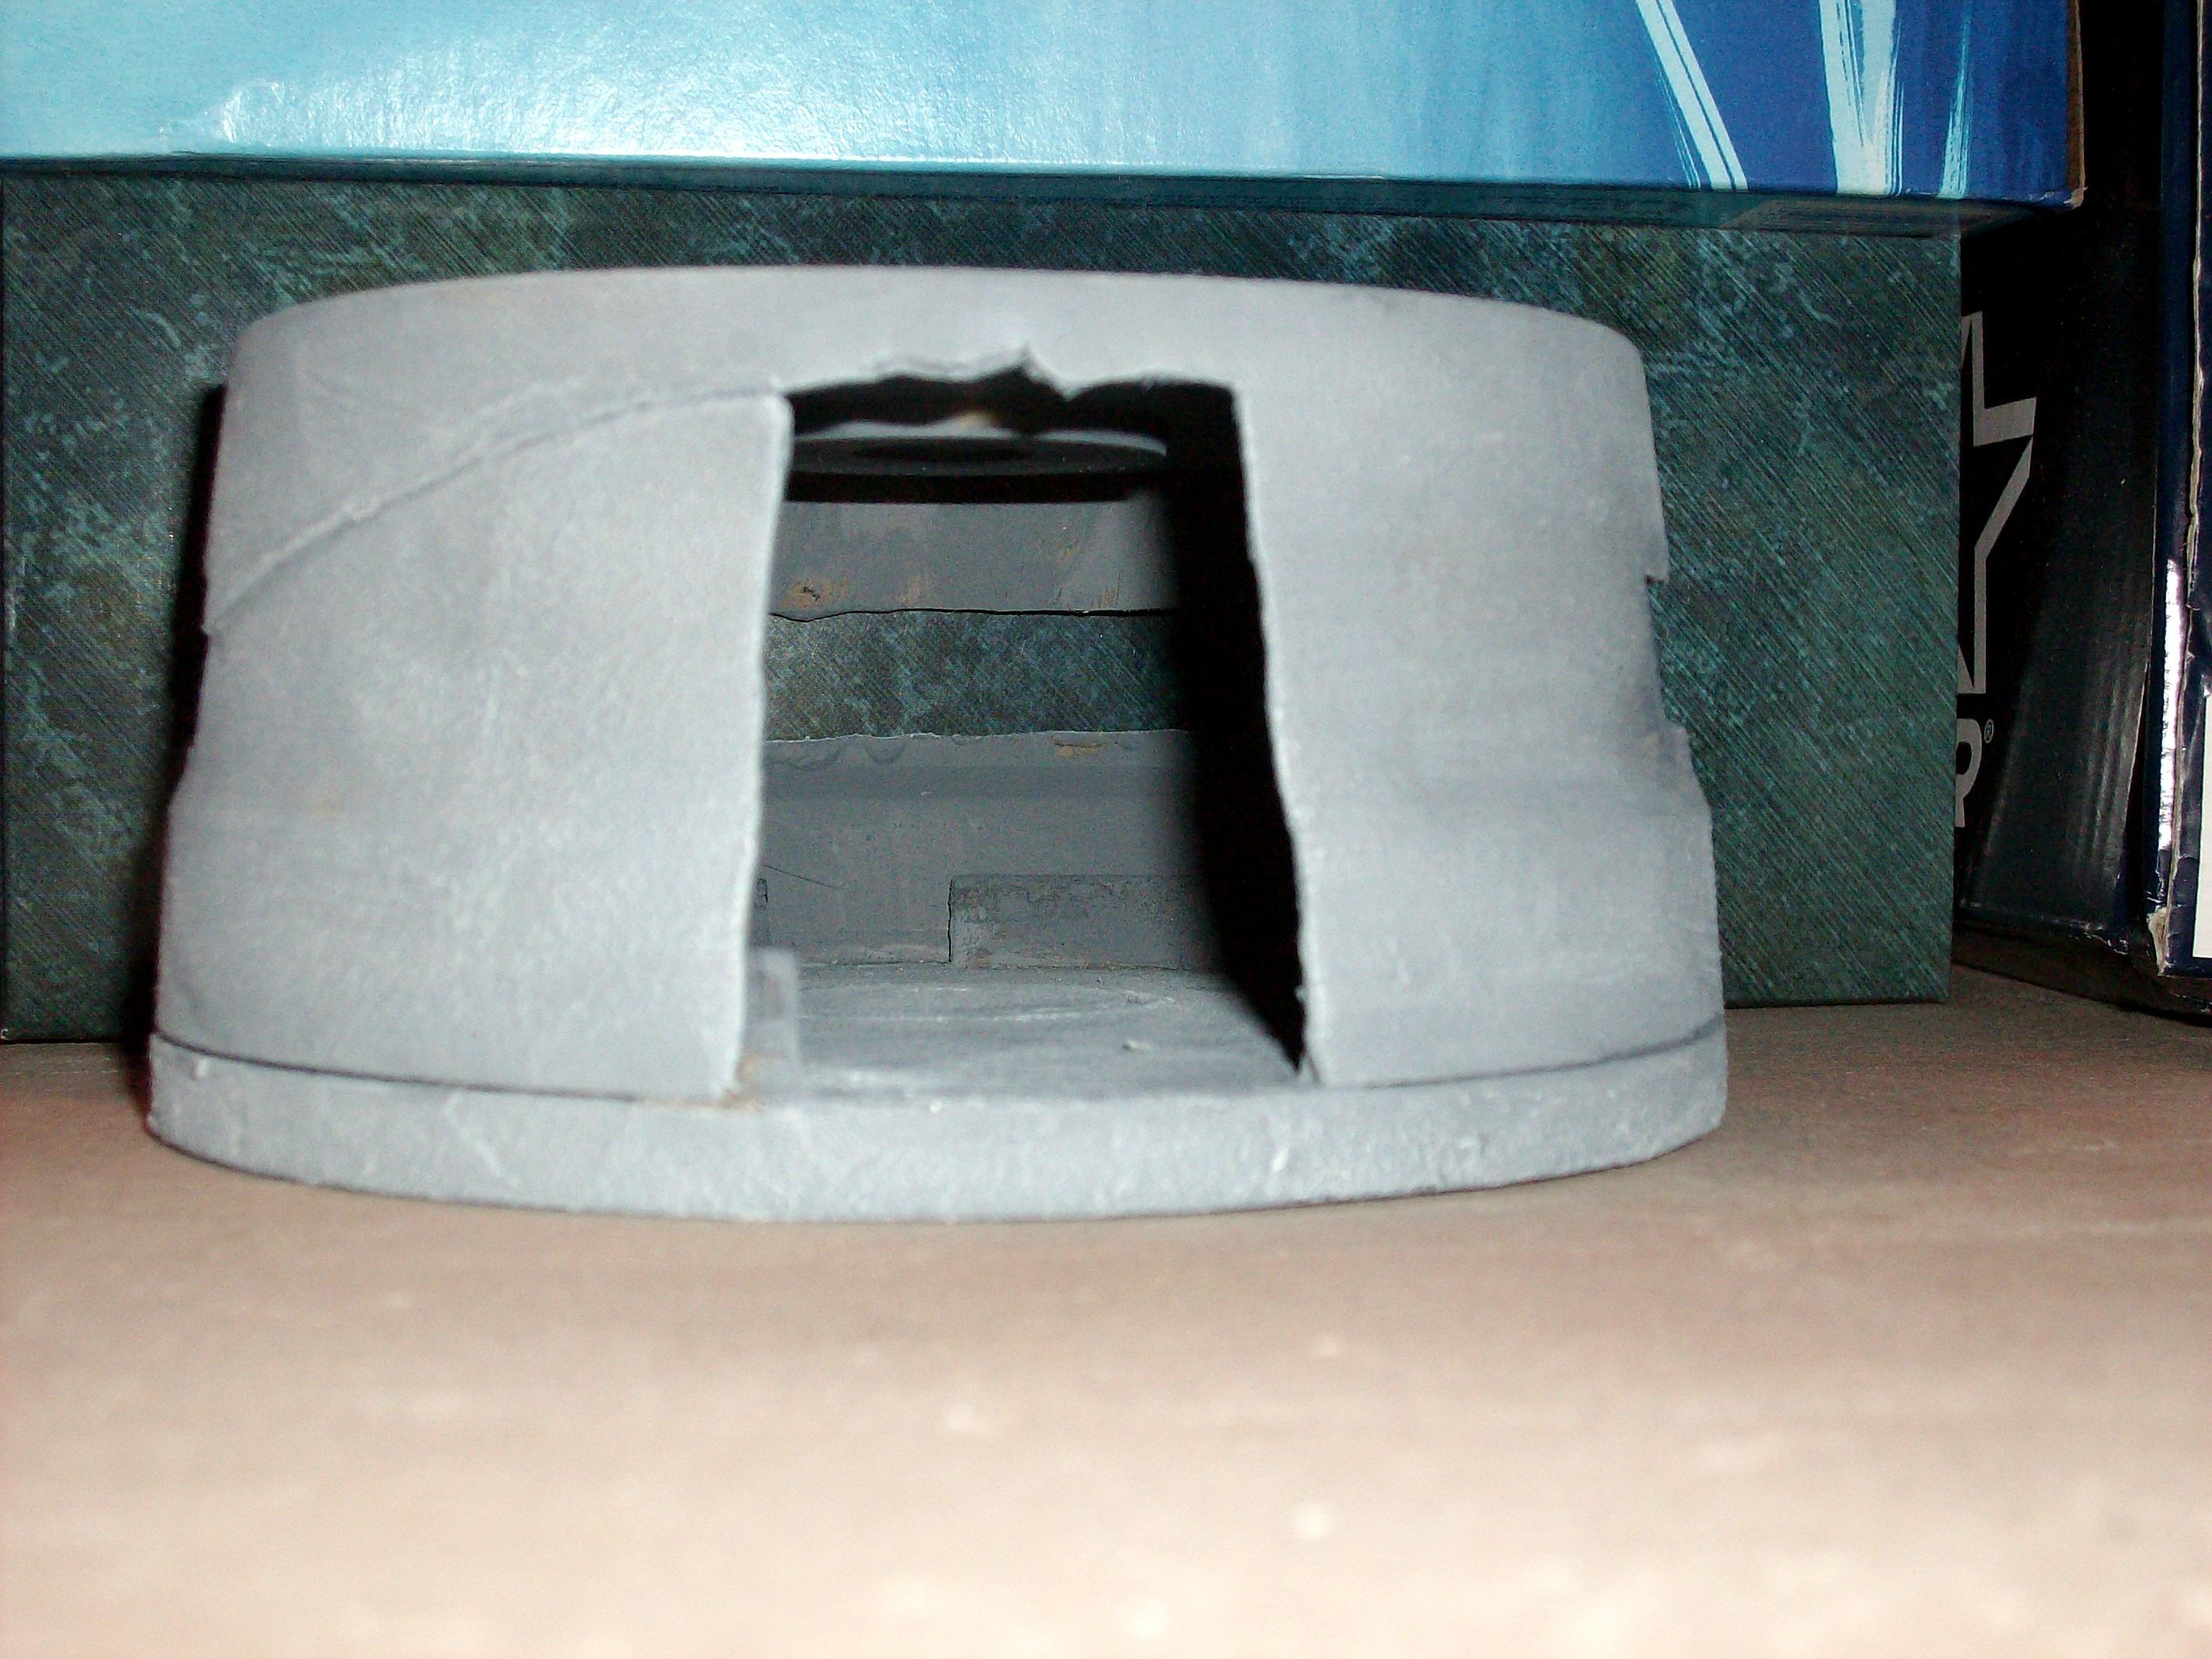 Bunker Terrain, bunker door view